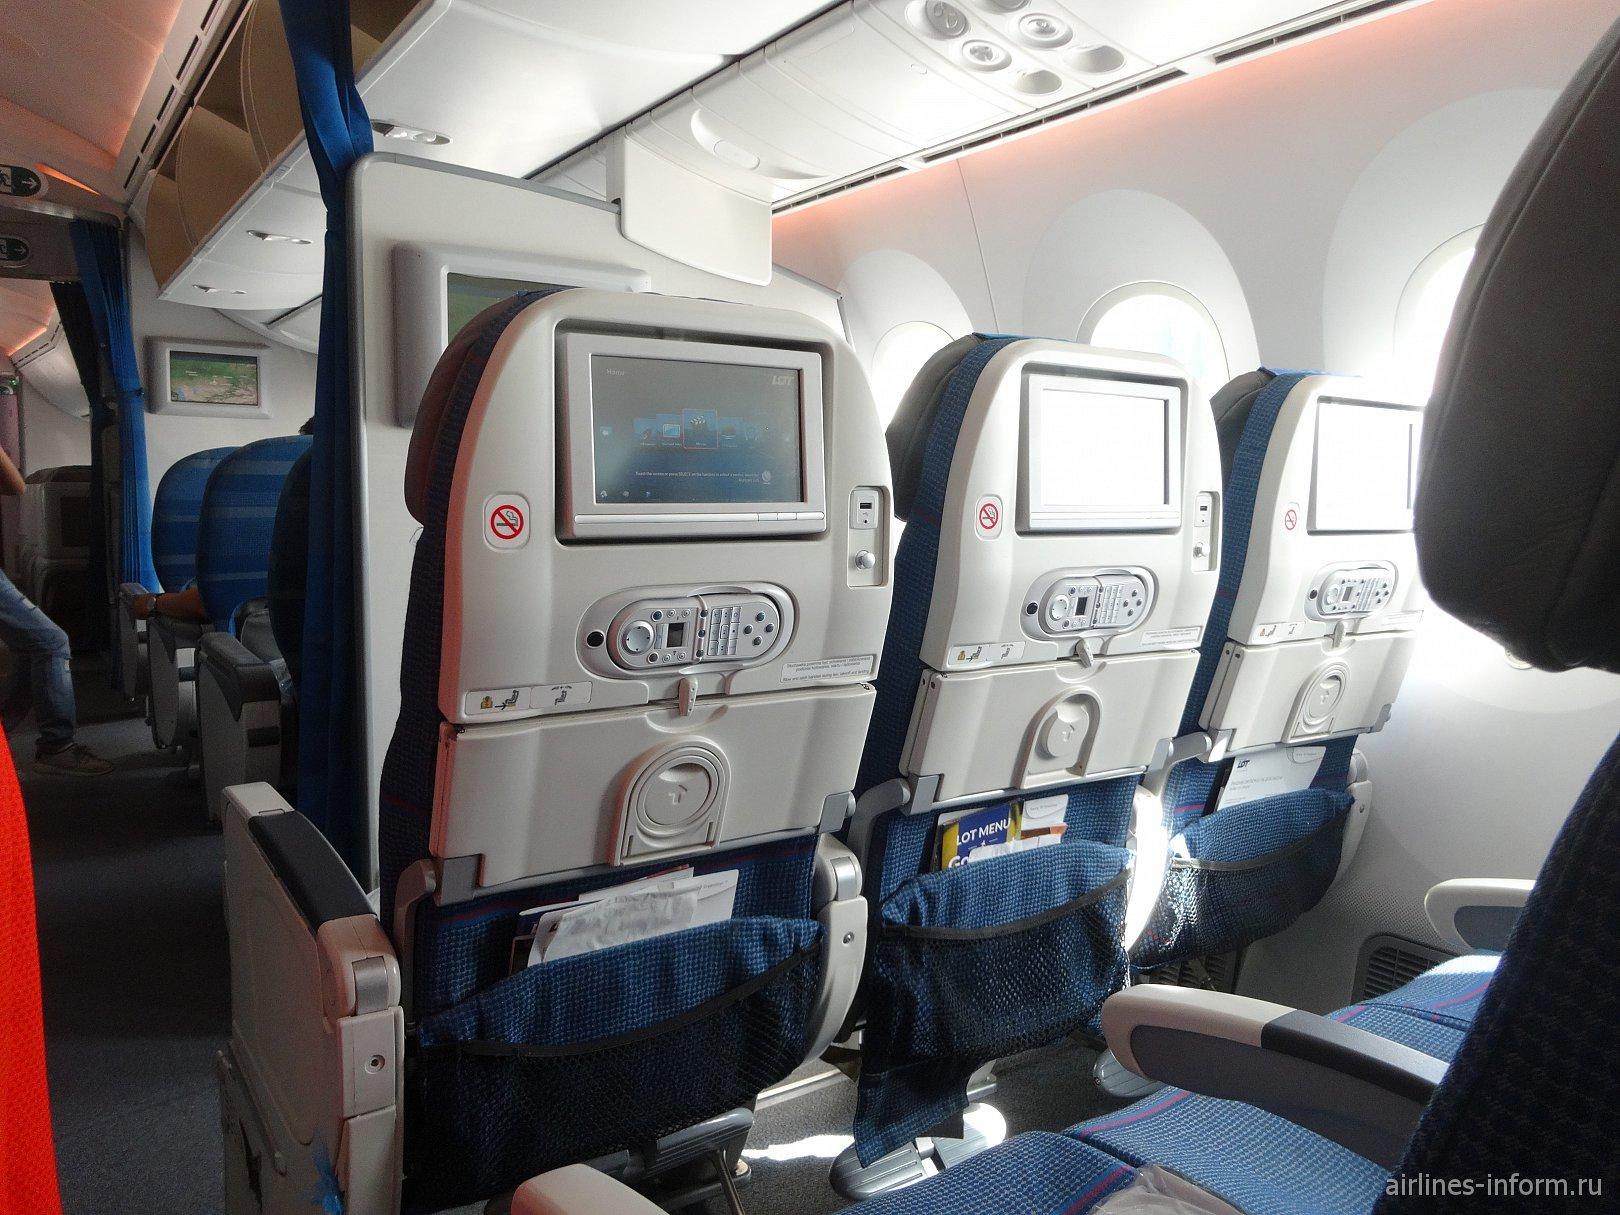 Кресла со встроенной системой развлечений в Боинге-787-8 авиакомпании LOT